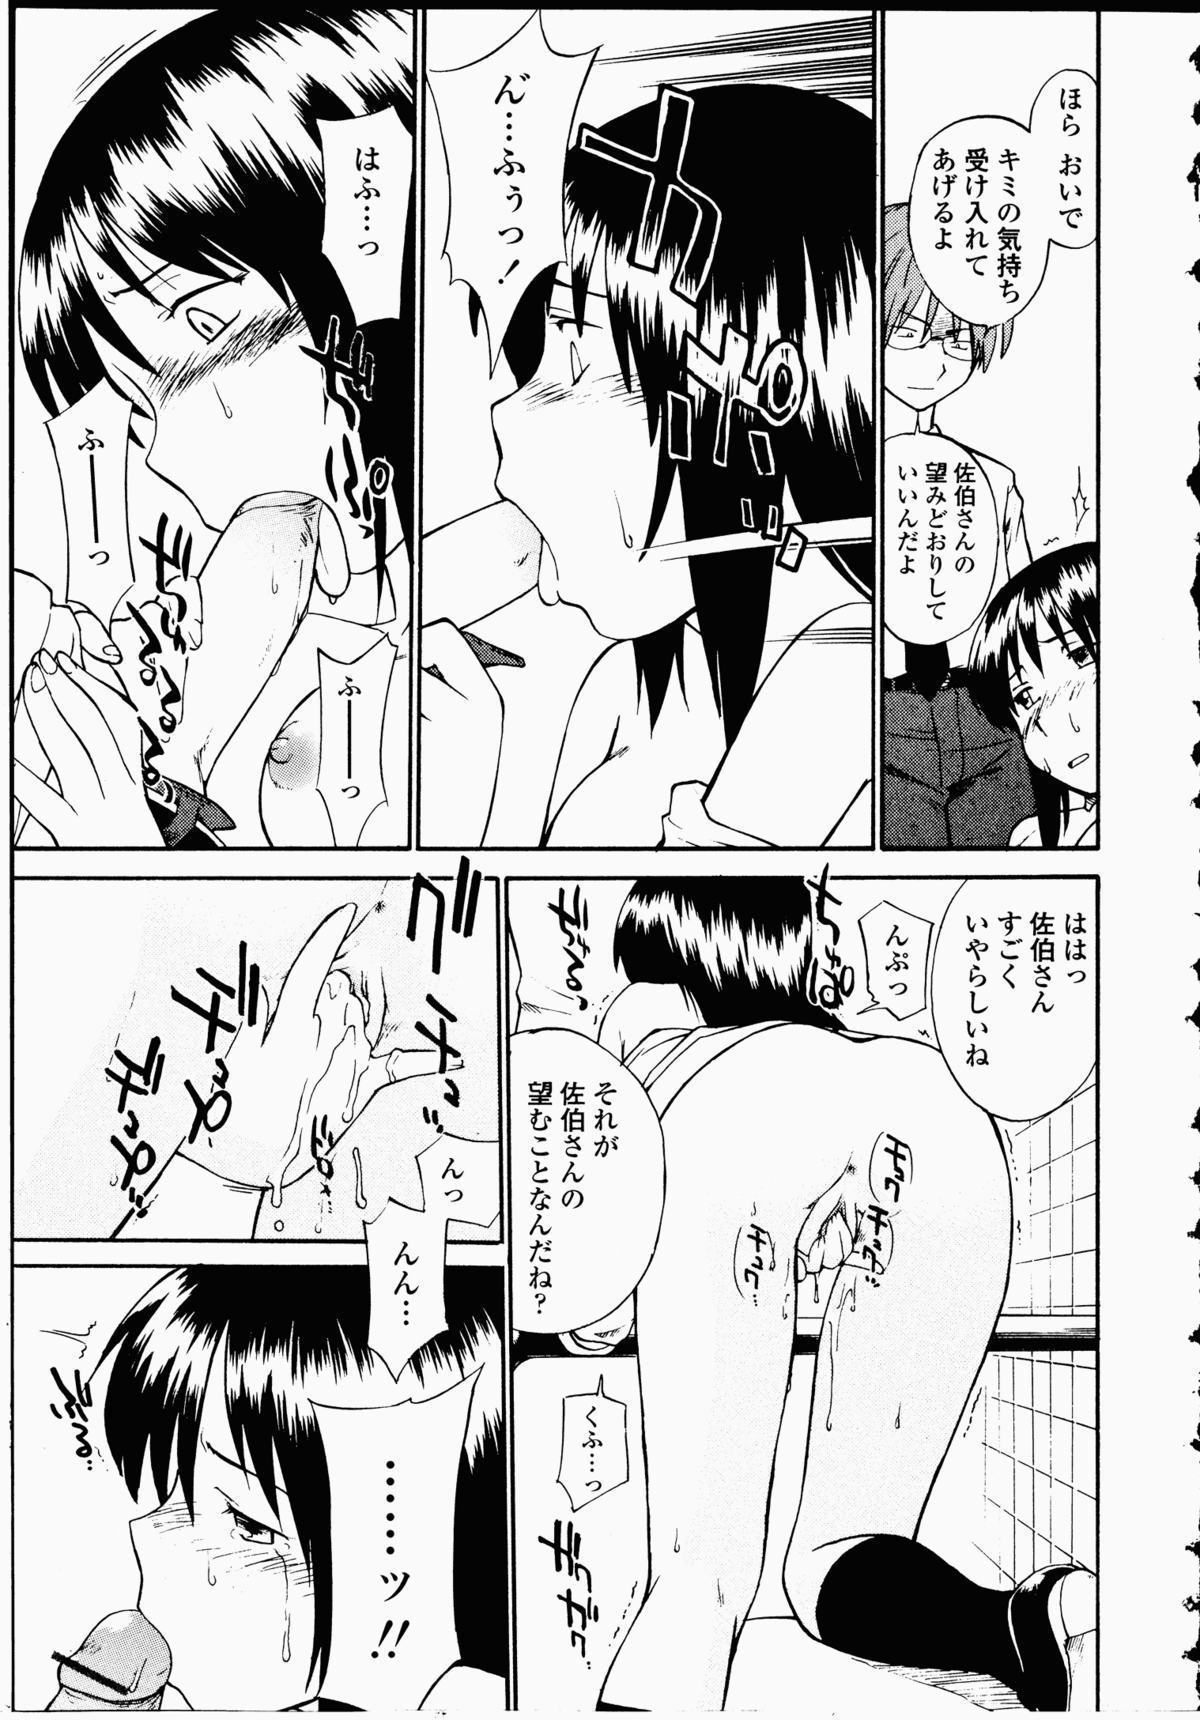 Youen Hyaku Monogatari 79